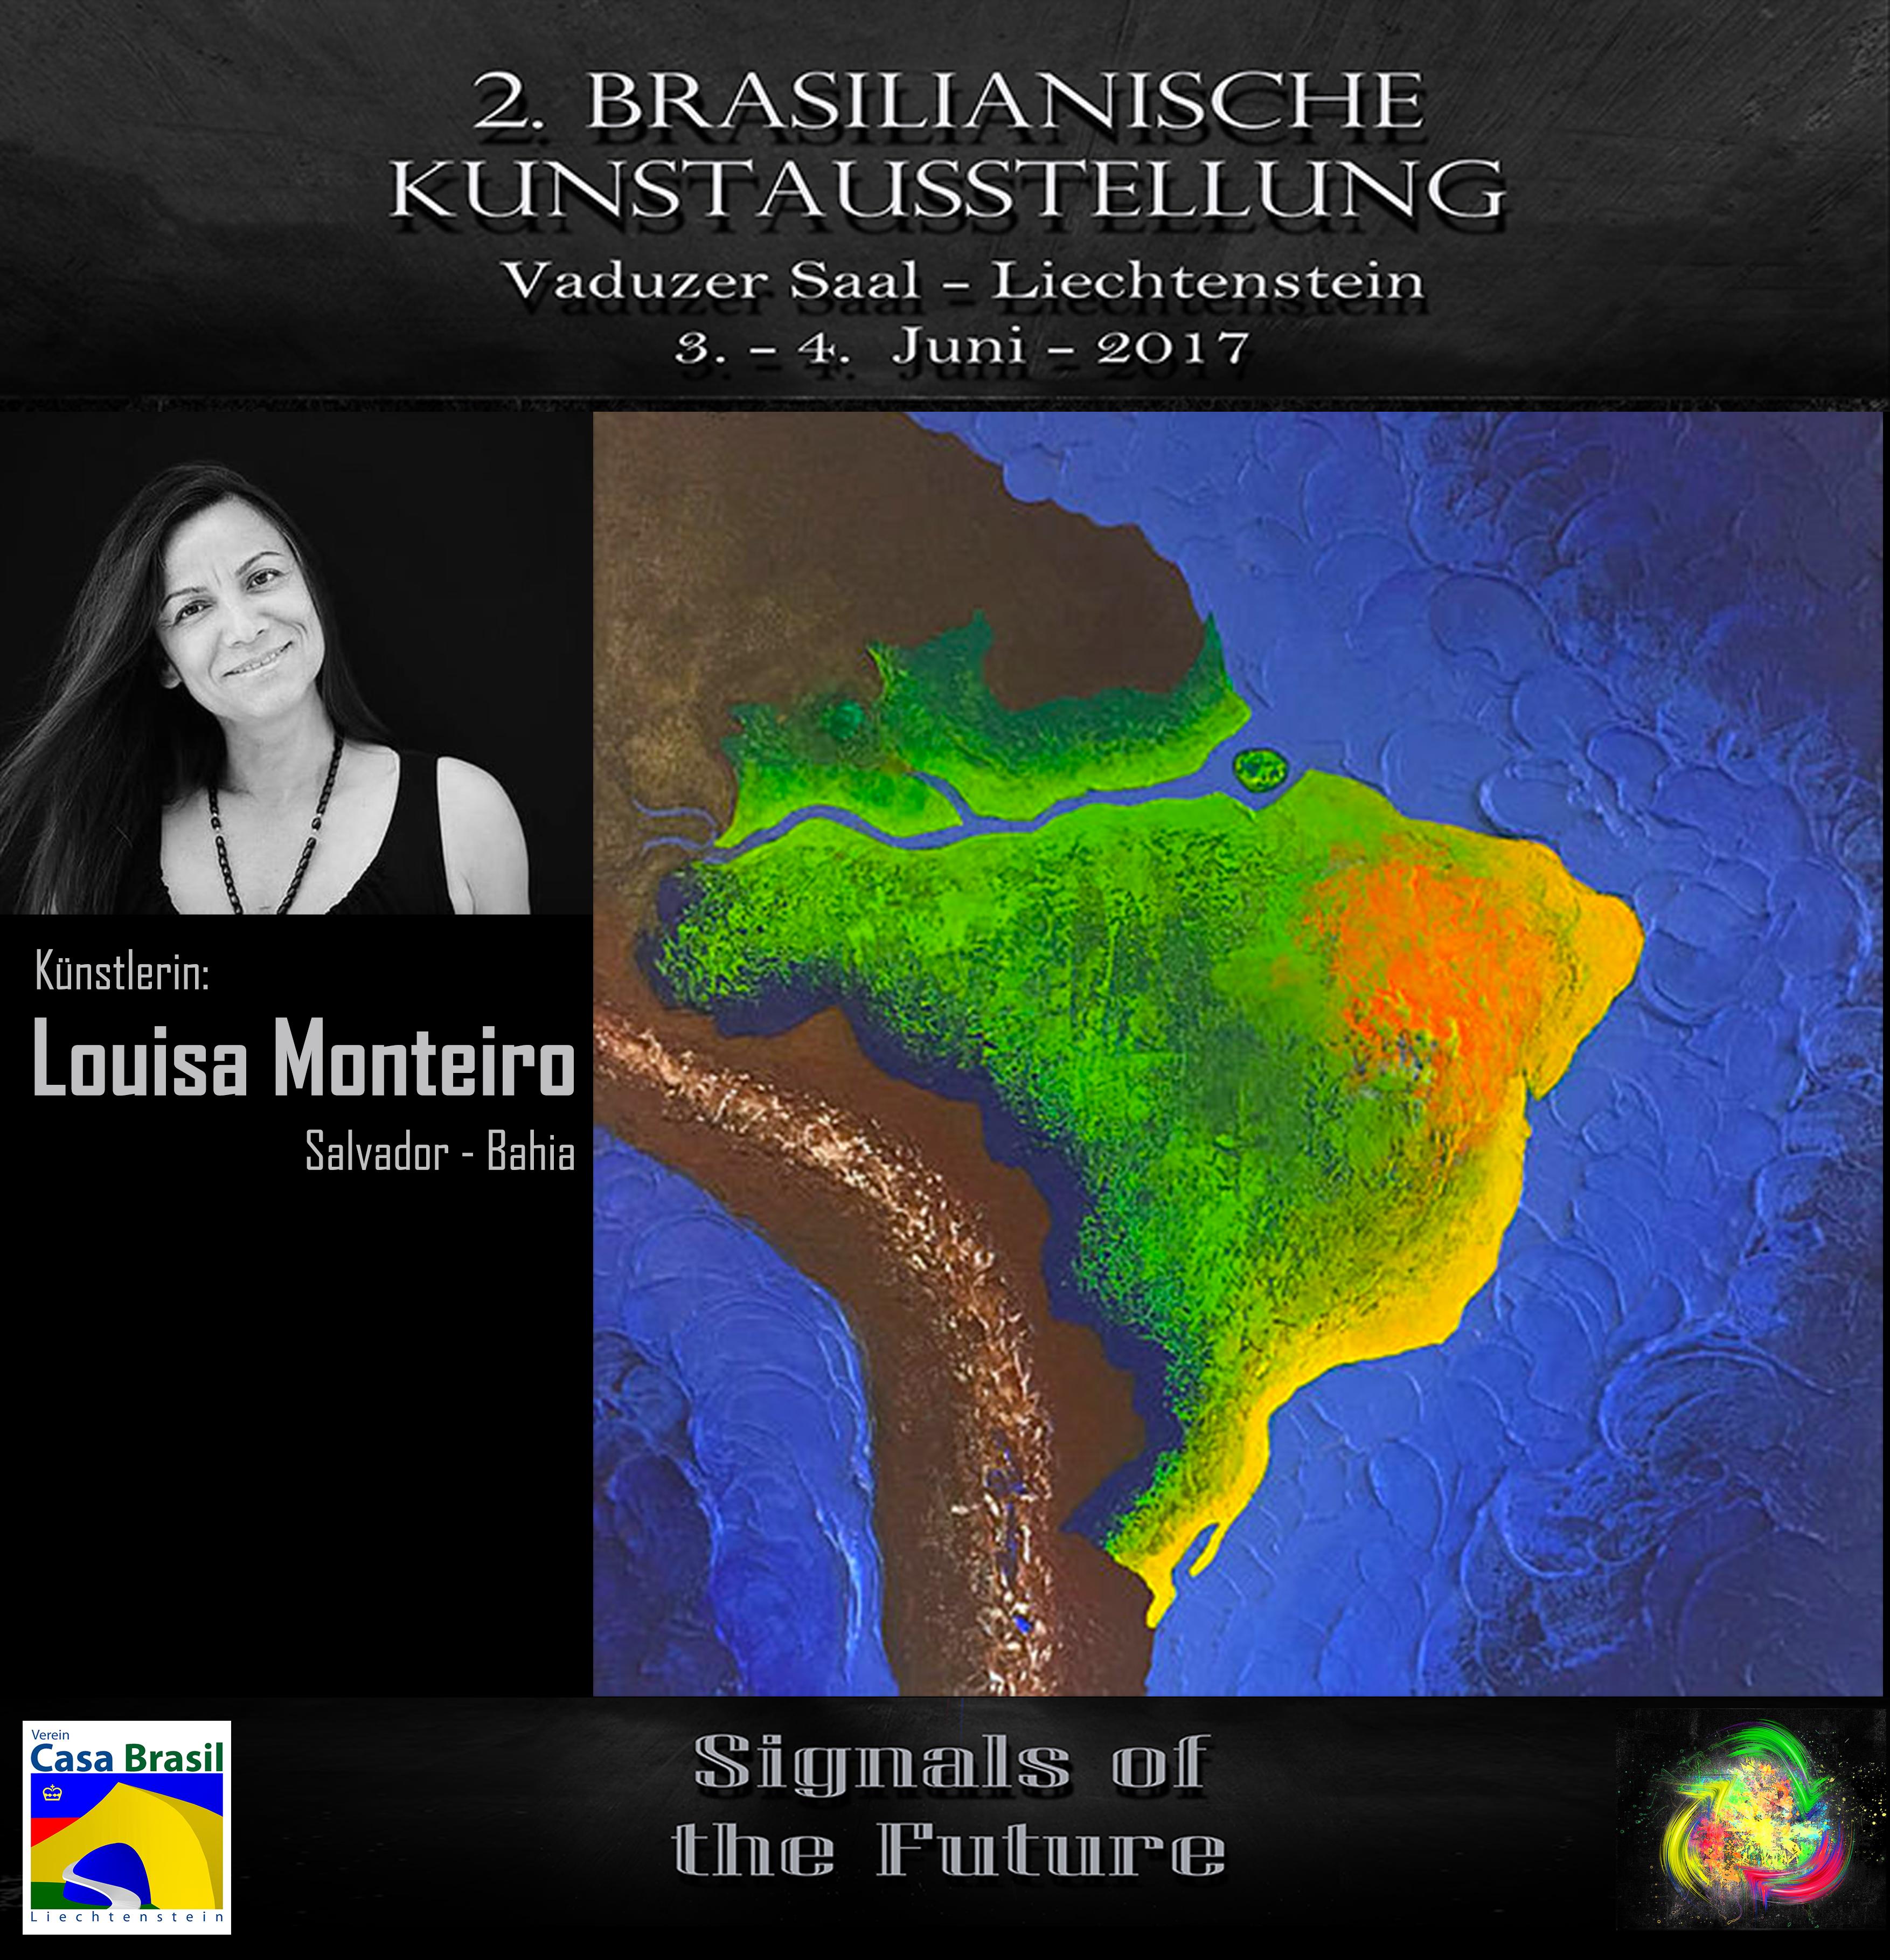 Louisa Monteiro